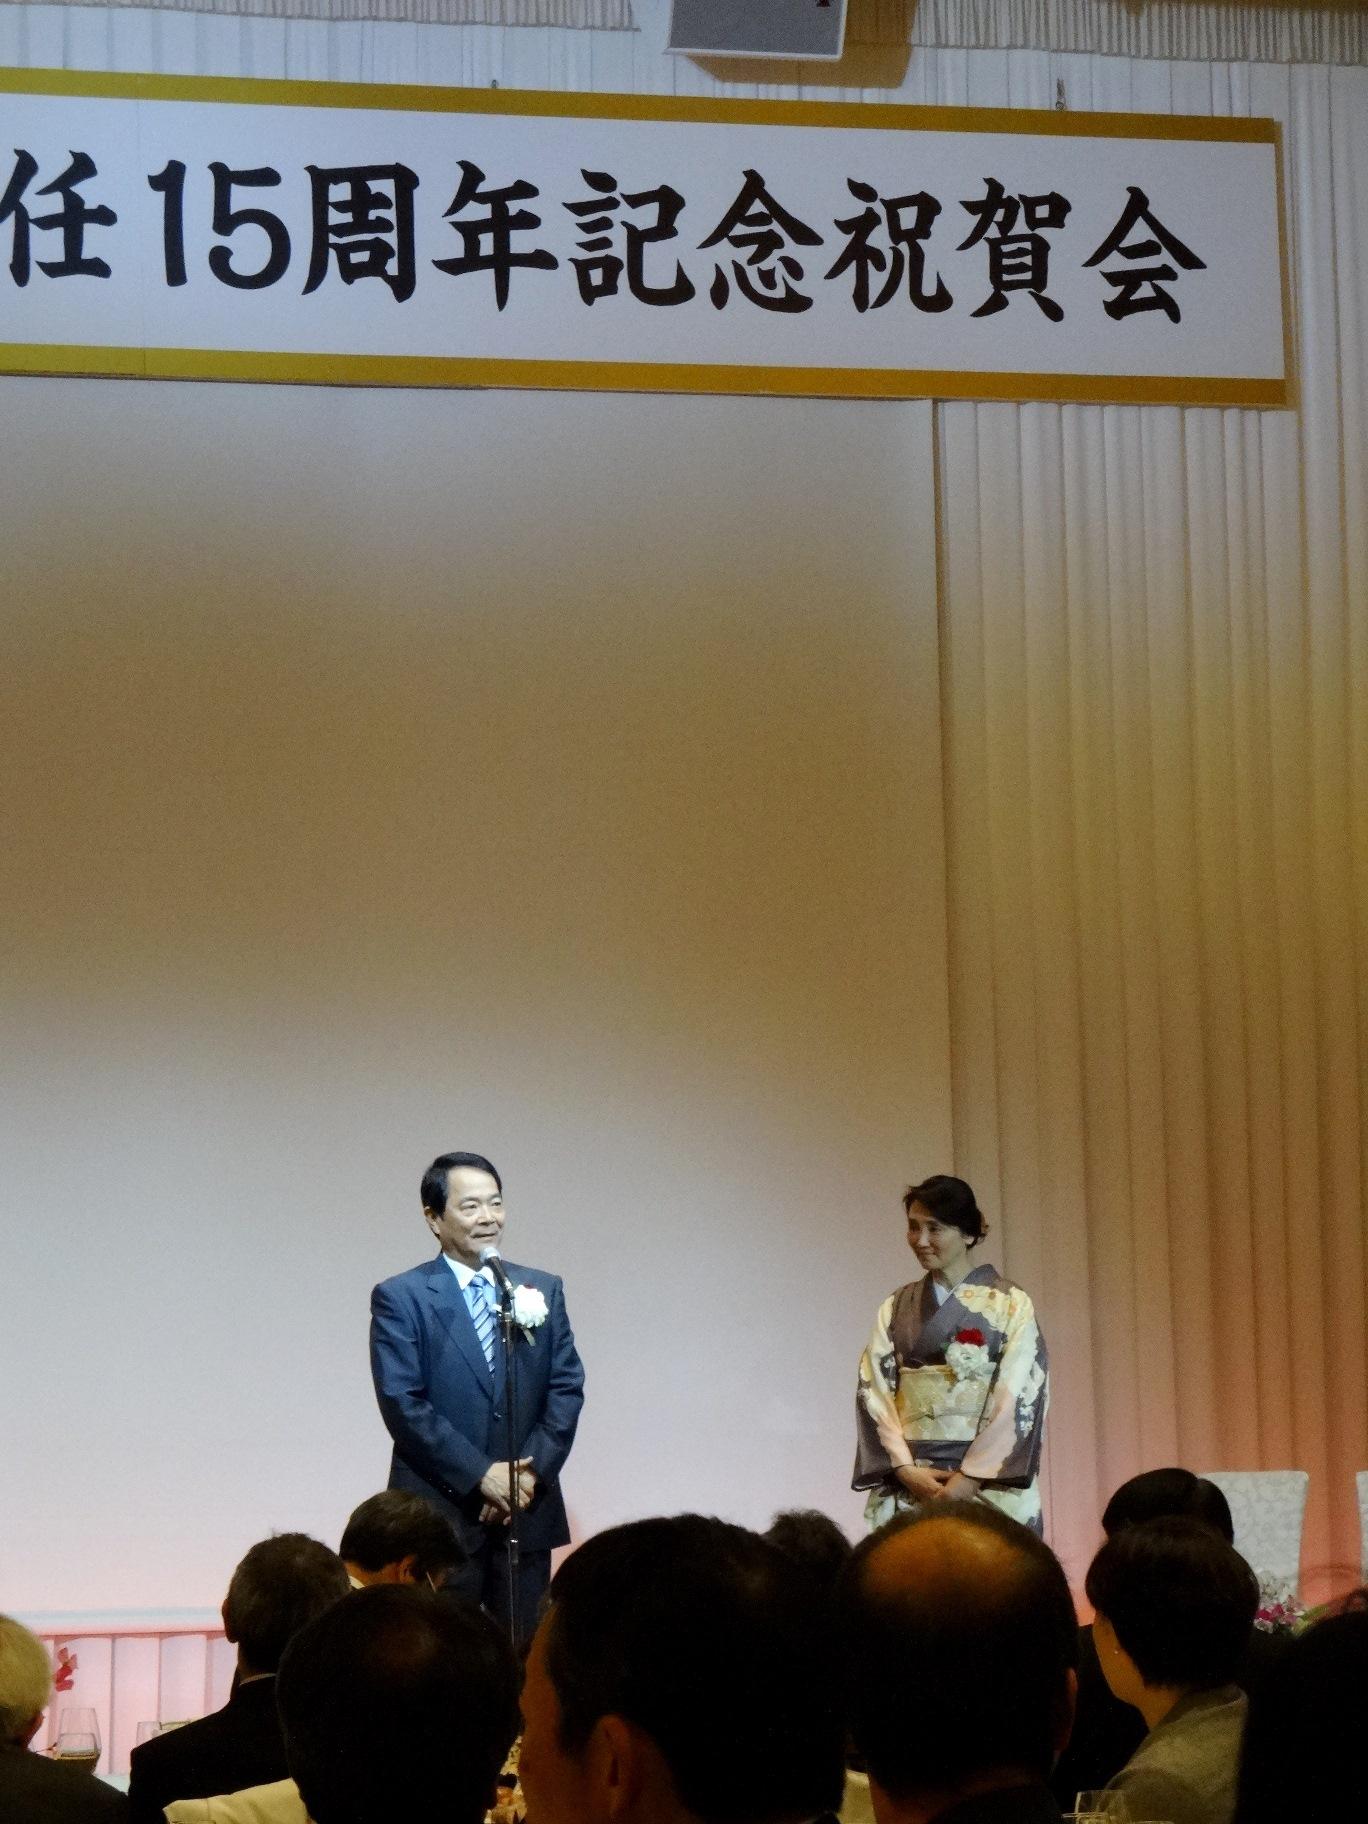 谷本光音教授就任15周年記念祝賀会(谷本光音先生)